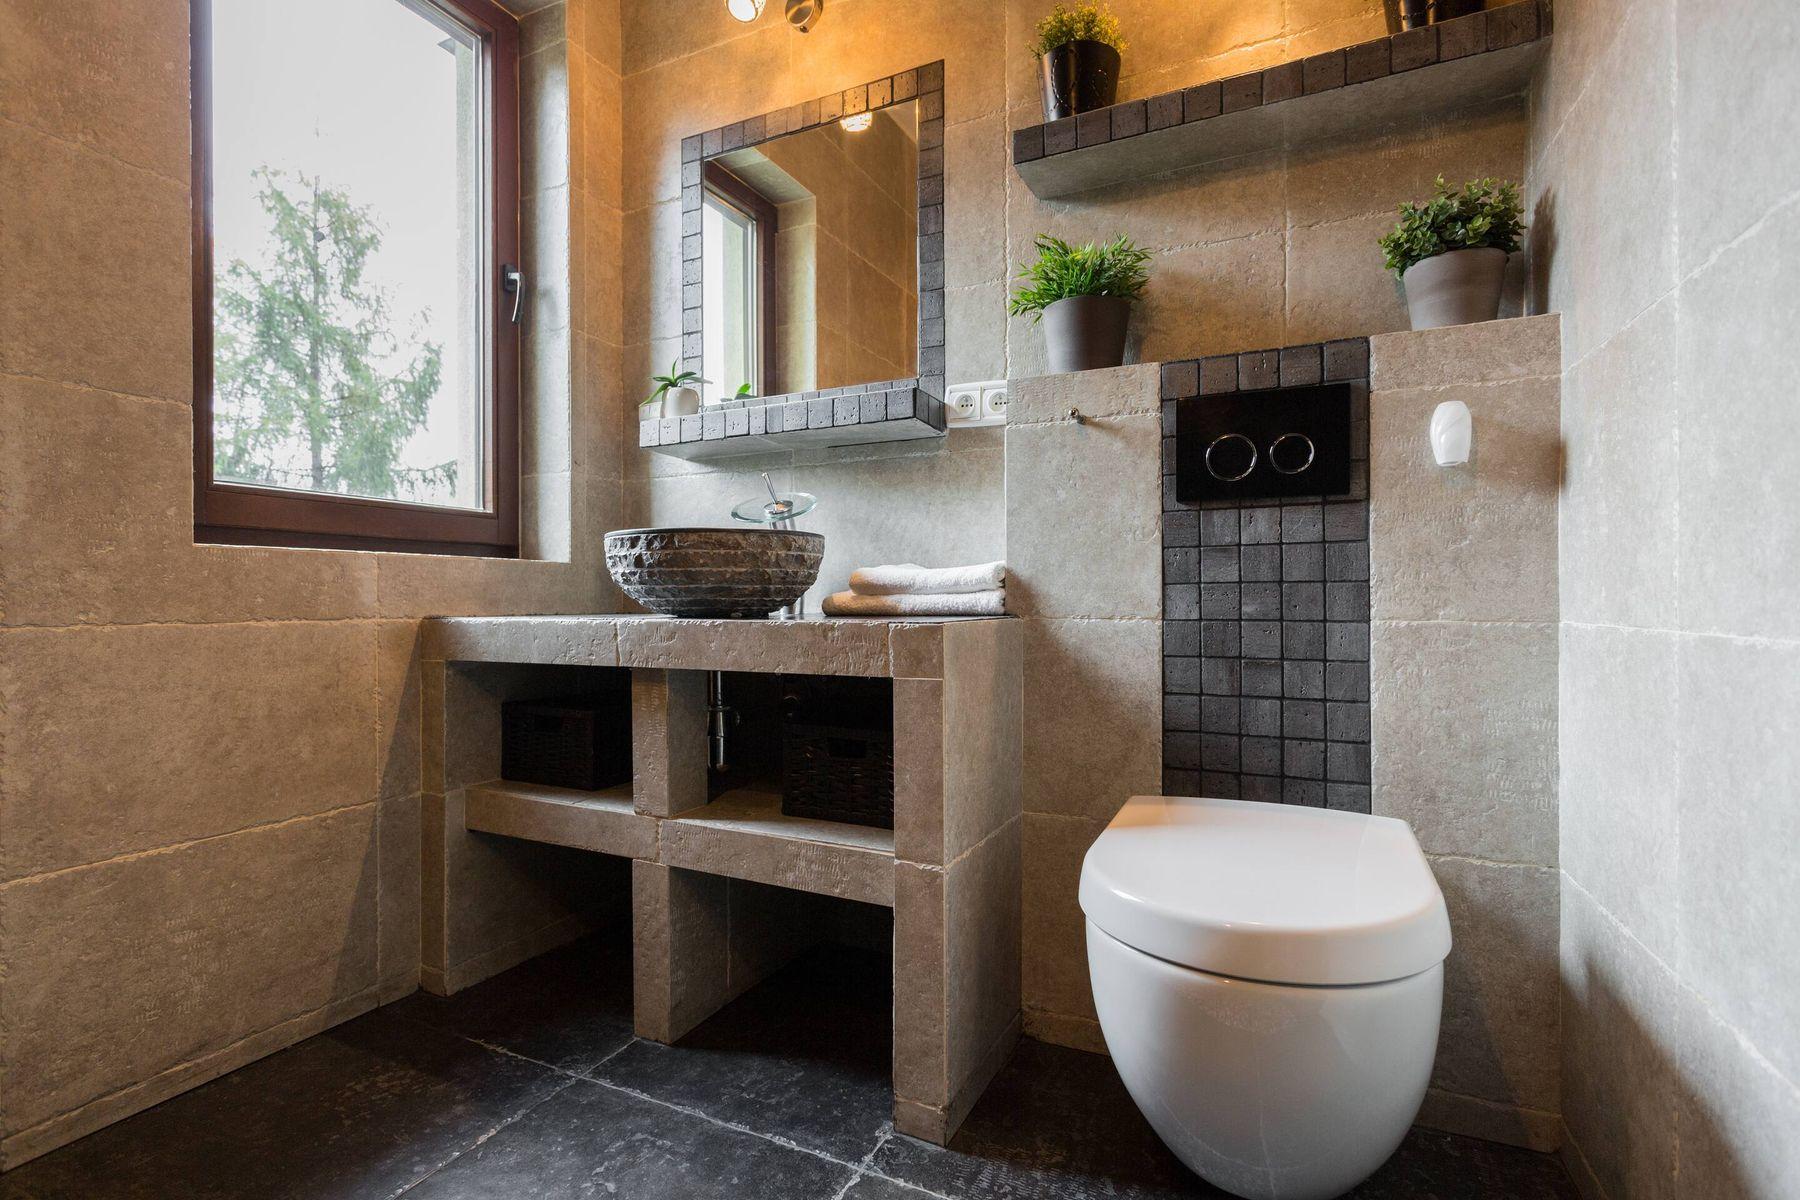 vệ sinh nhà tắm nhà mới xây dựng